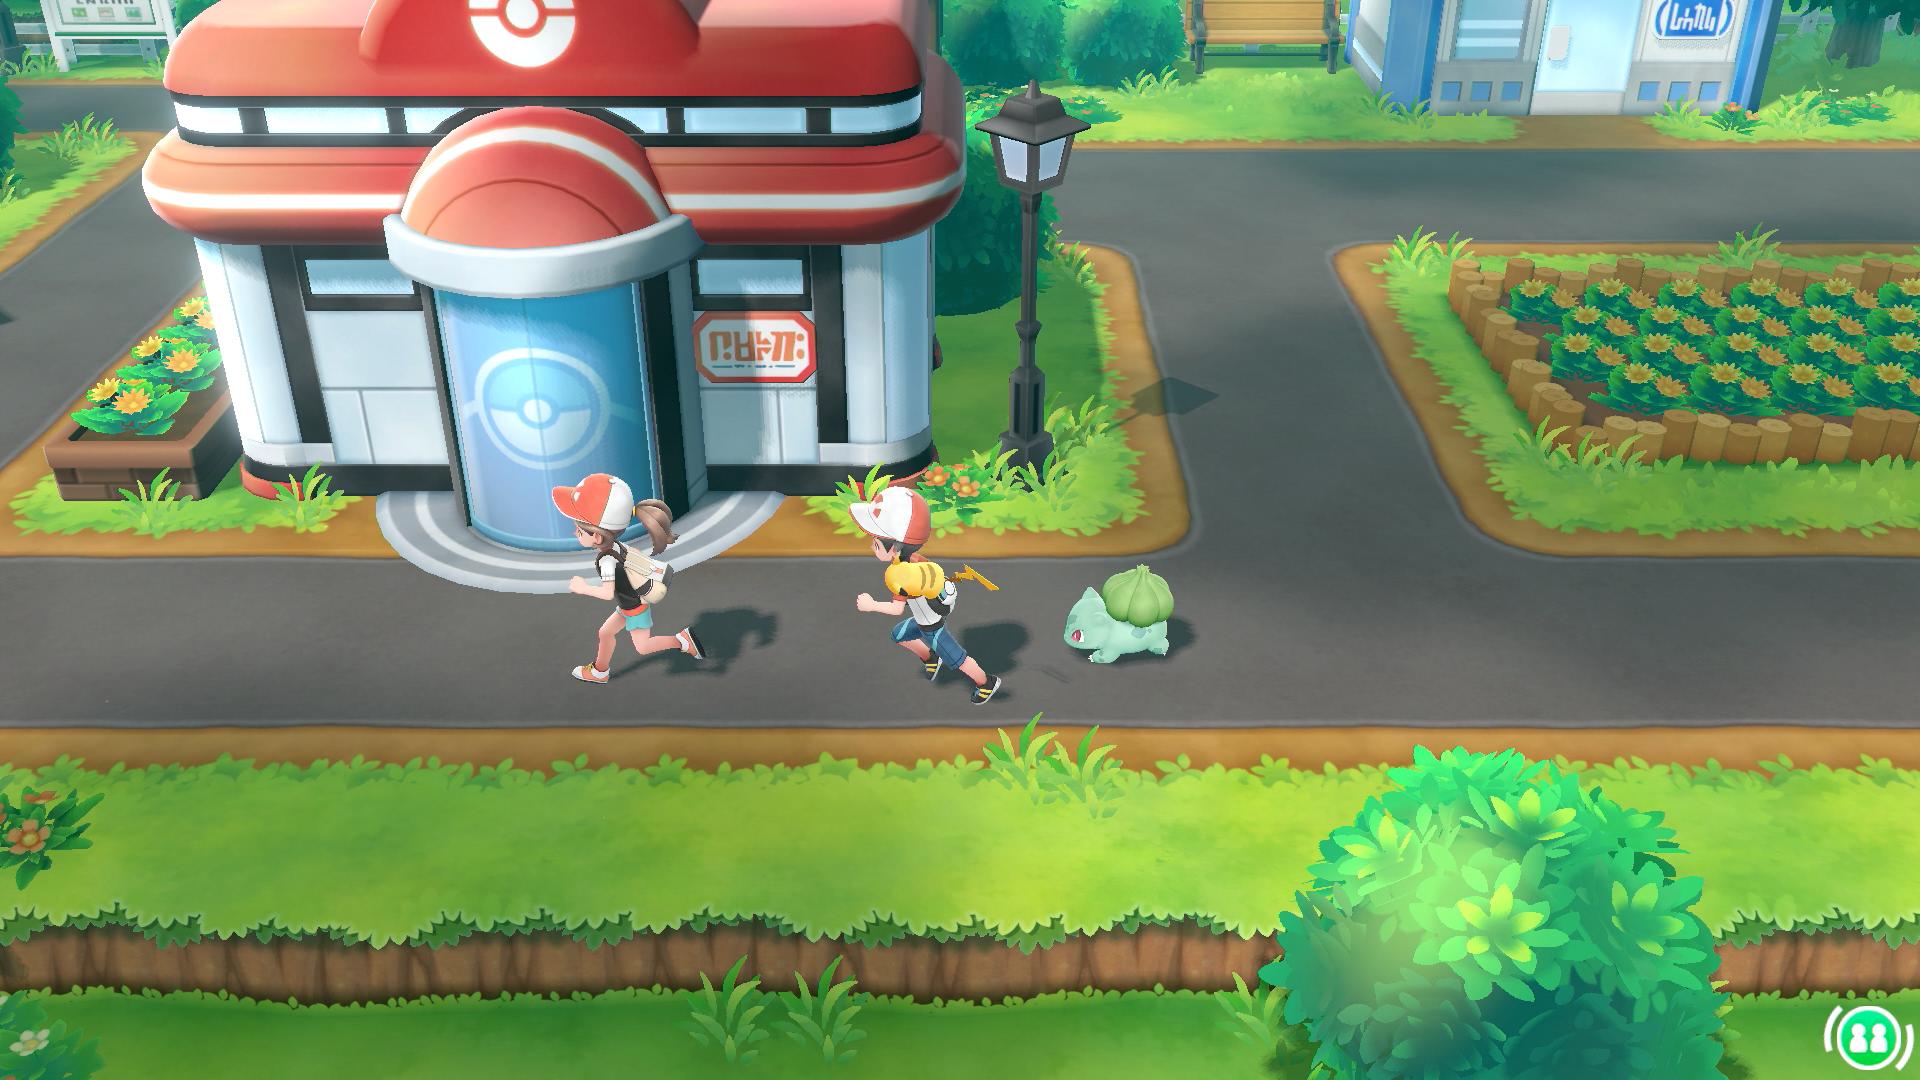 Pokémon: Let's Go, Pikachu! / Pokémon: Let's Go, Eevee!